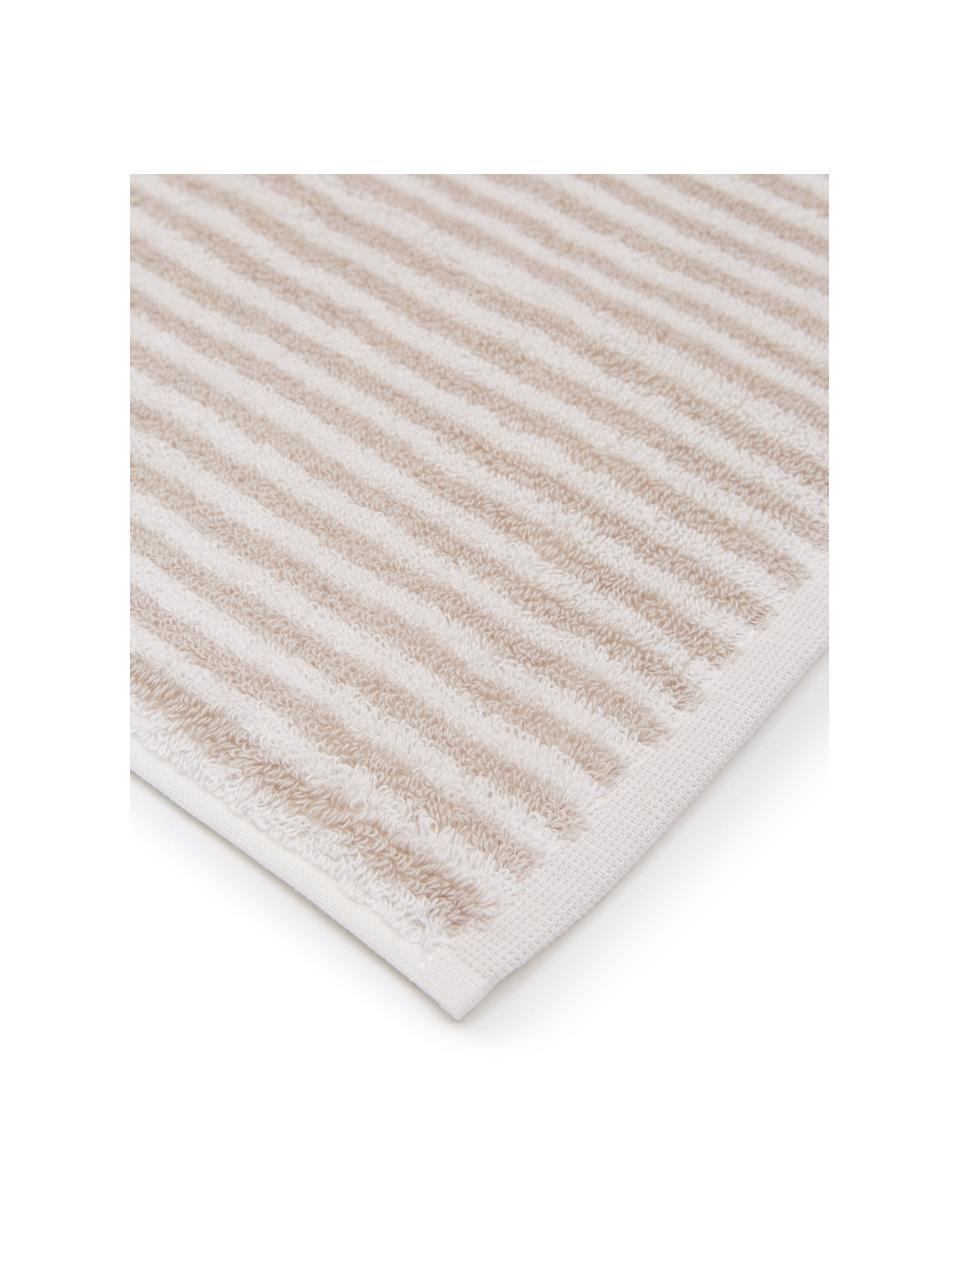 Gestreiftes Handtuch Viola, 100% Baumwolle, mittelschwere Qualität 550 g/m², Sandfarben, Cremeweiß, Gästehandtuch